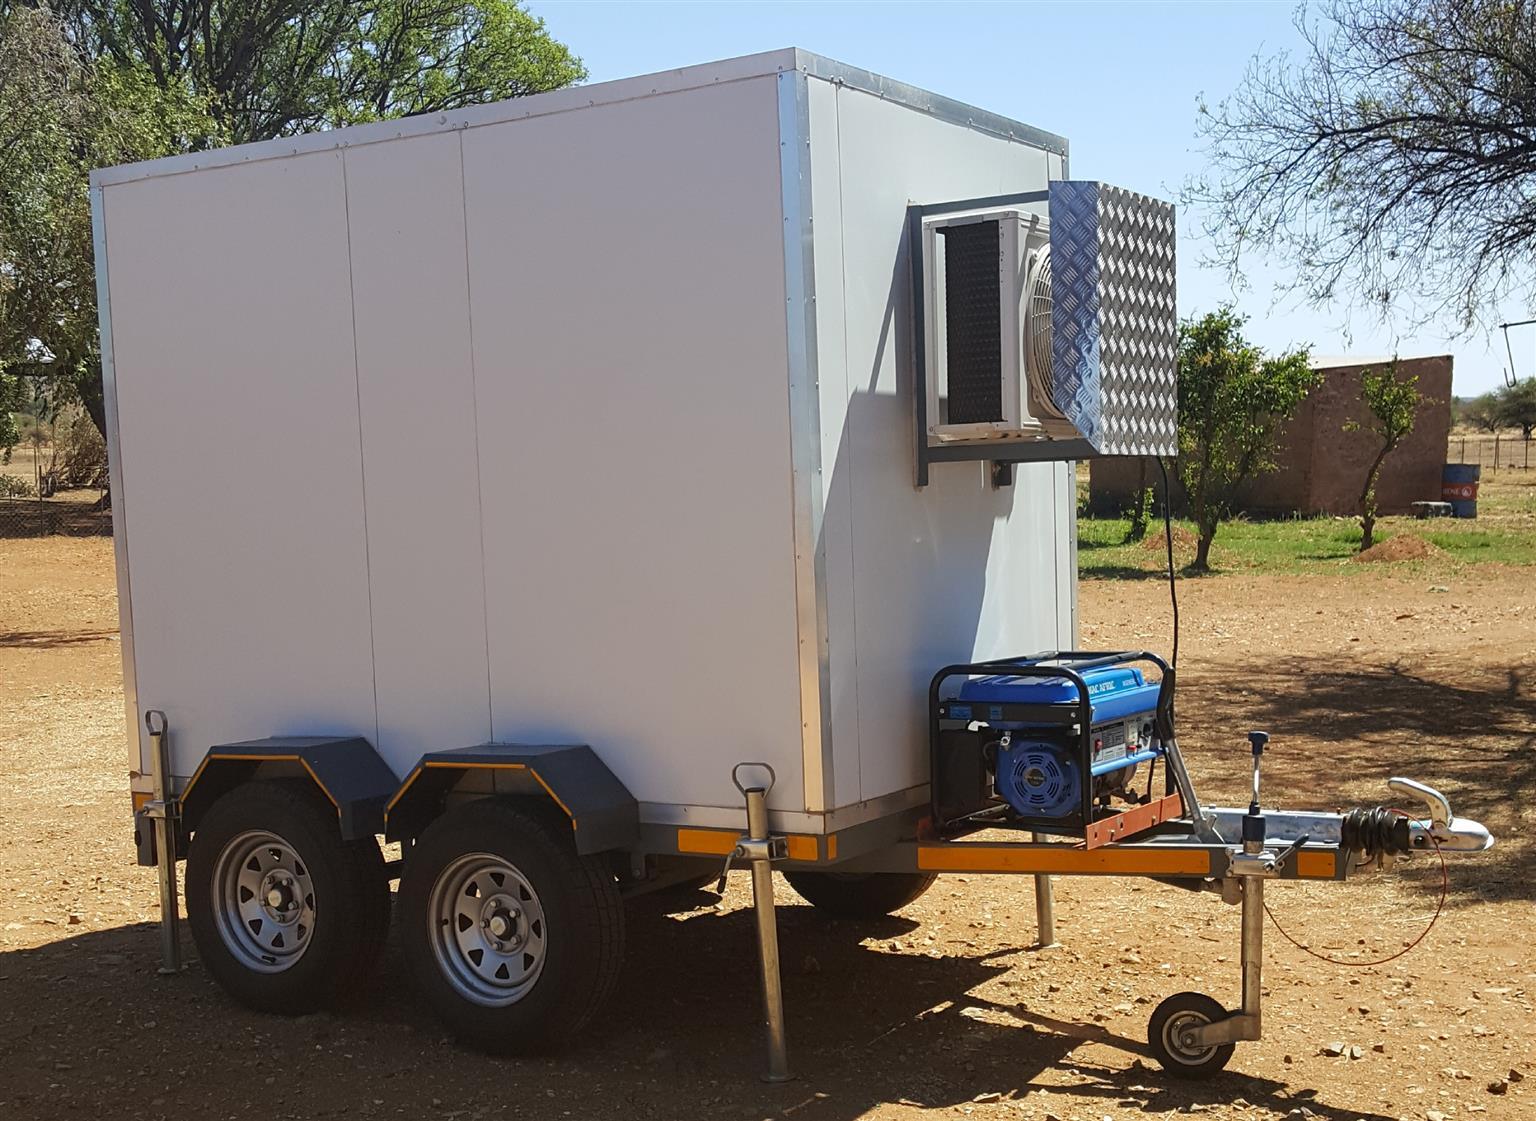 Dual fridge/freezer double axle trailer for sale | Junk Mail